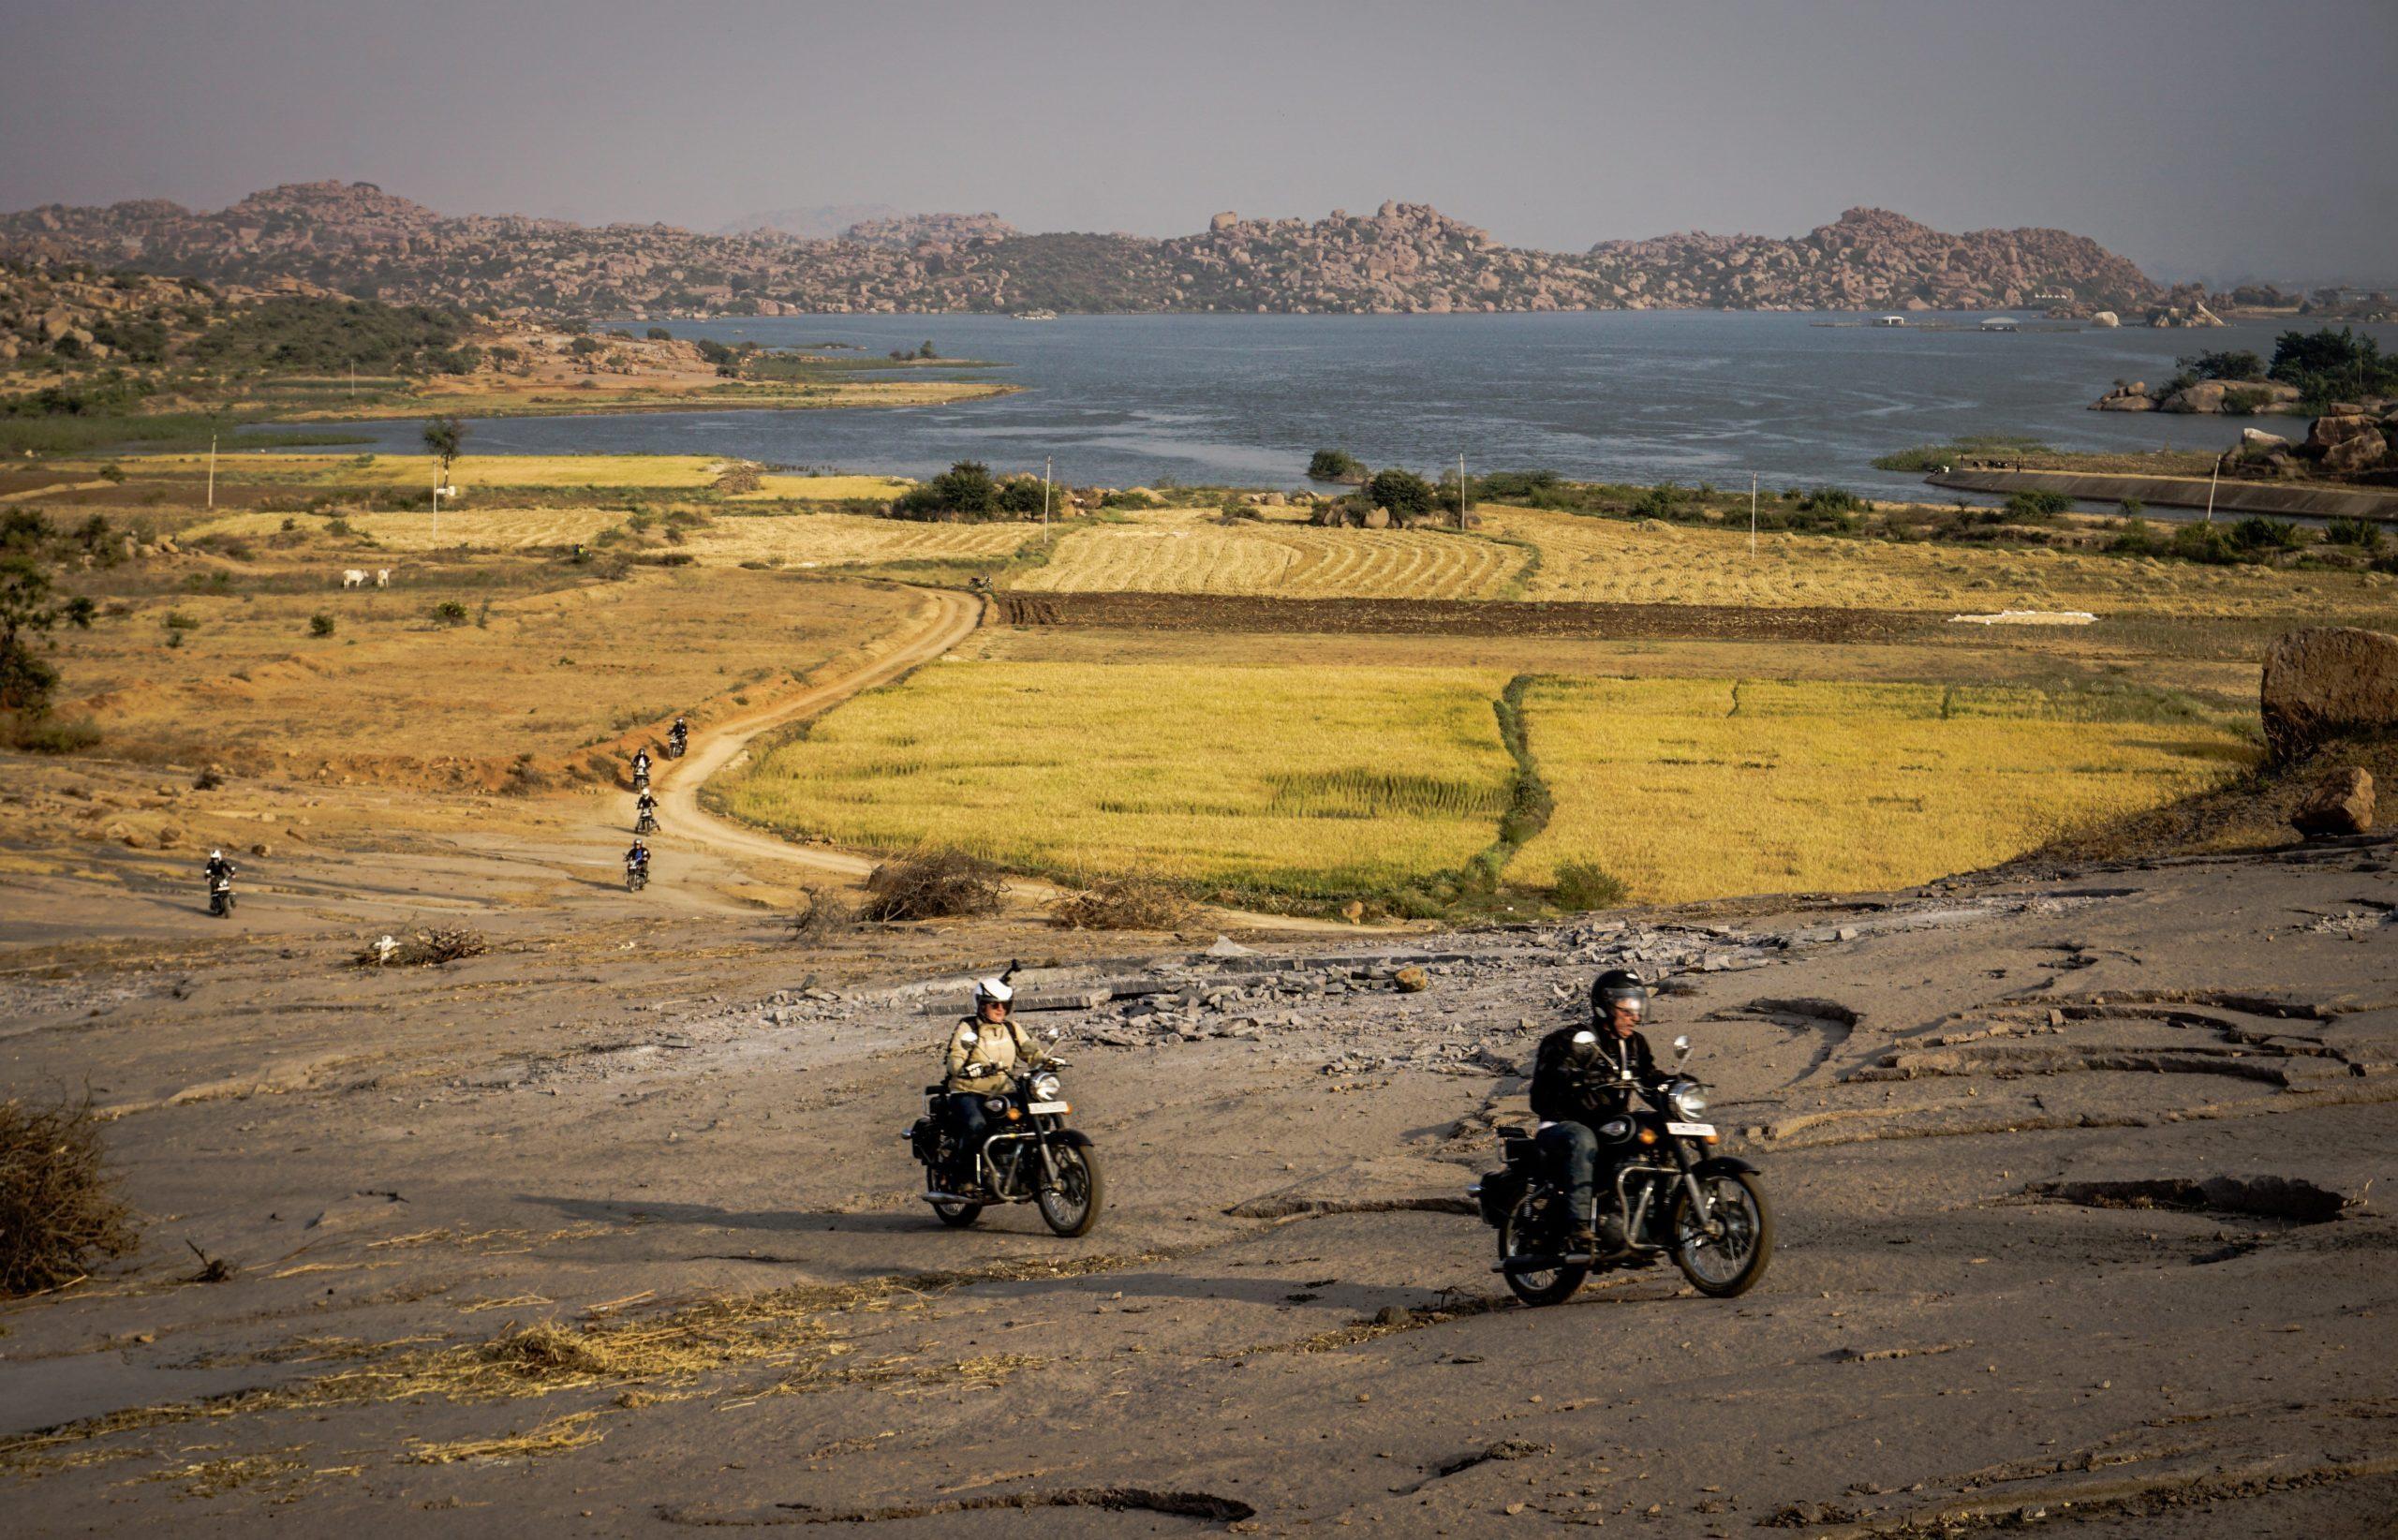 Motorrad-Roadtrip Südindien - Goa Dschungel & Uralte Schätze